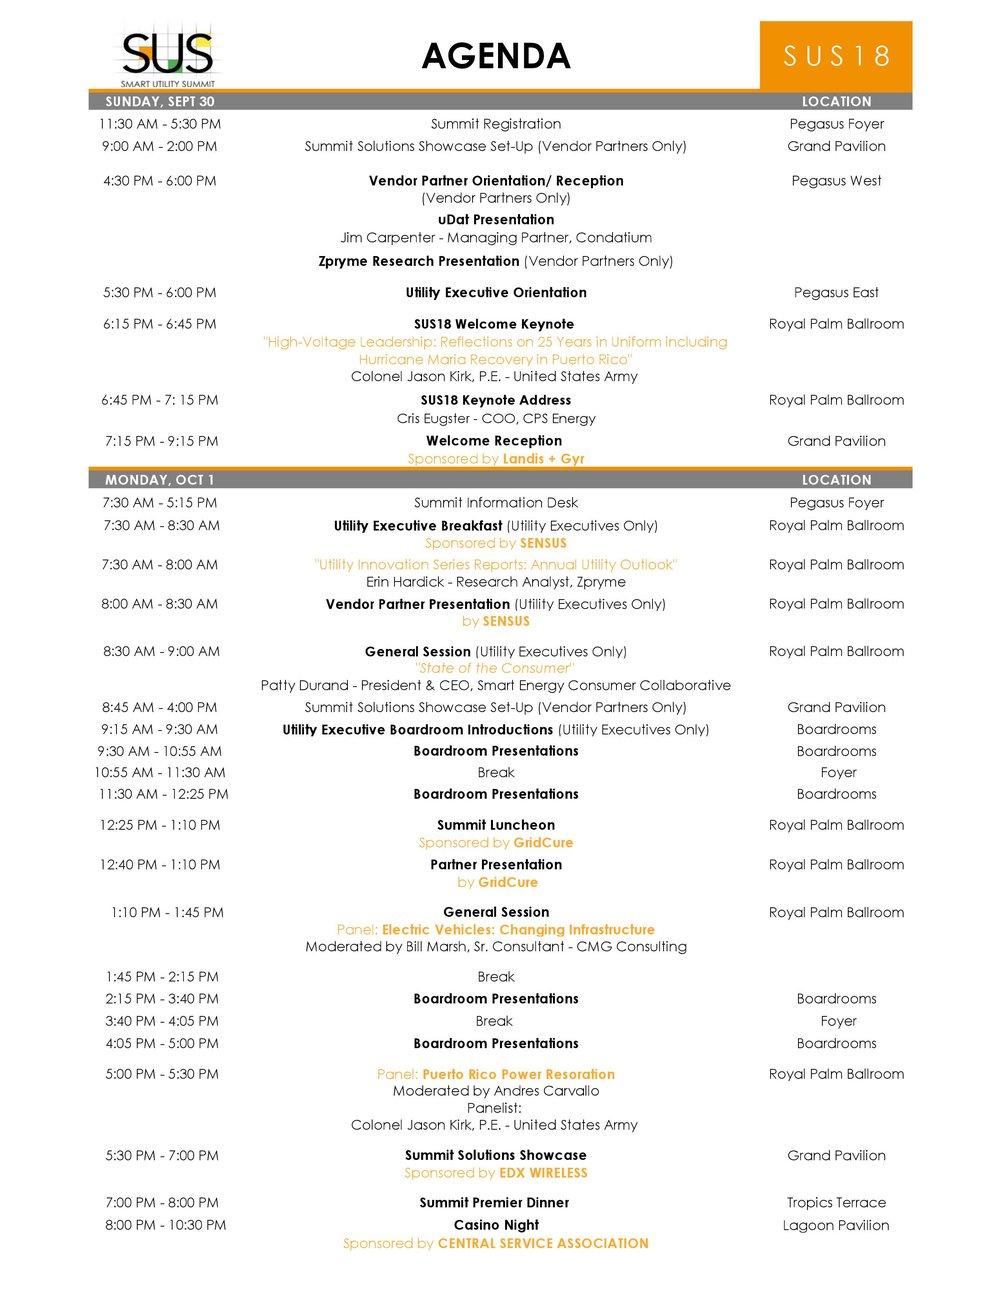 Agenda 1 - Website.jpg